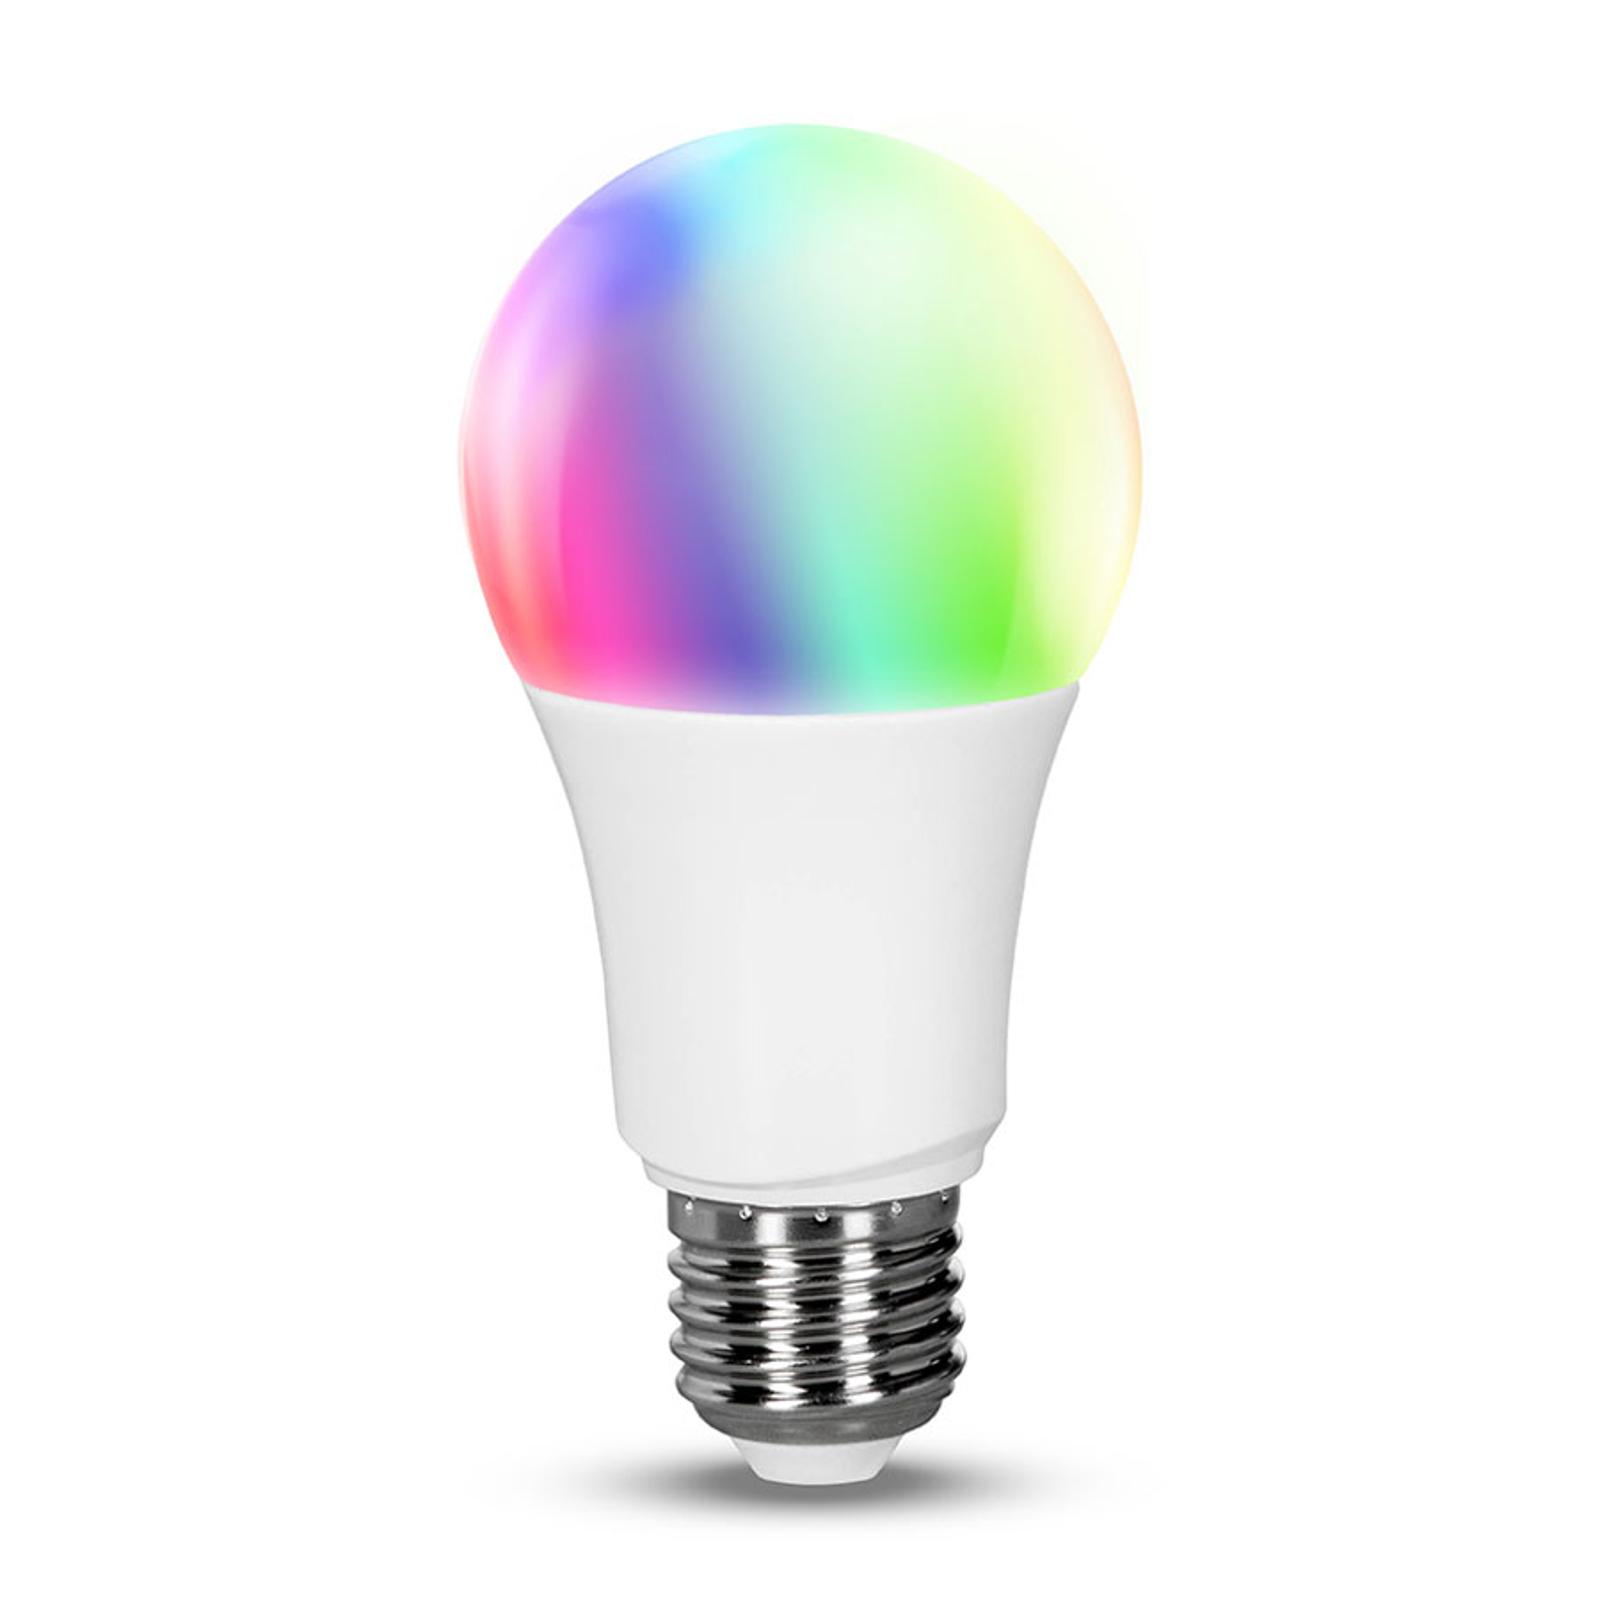 Müller Licht tint white+color ampoule LED E27 9,5W